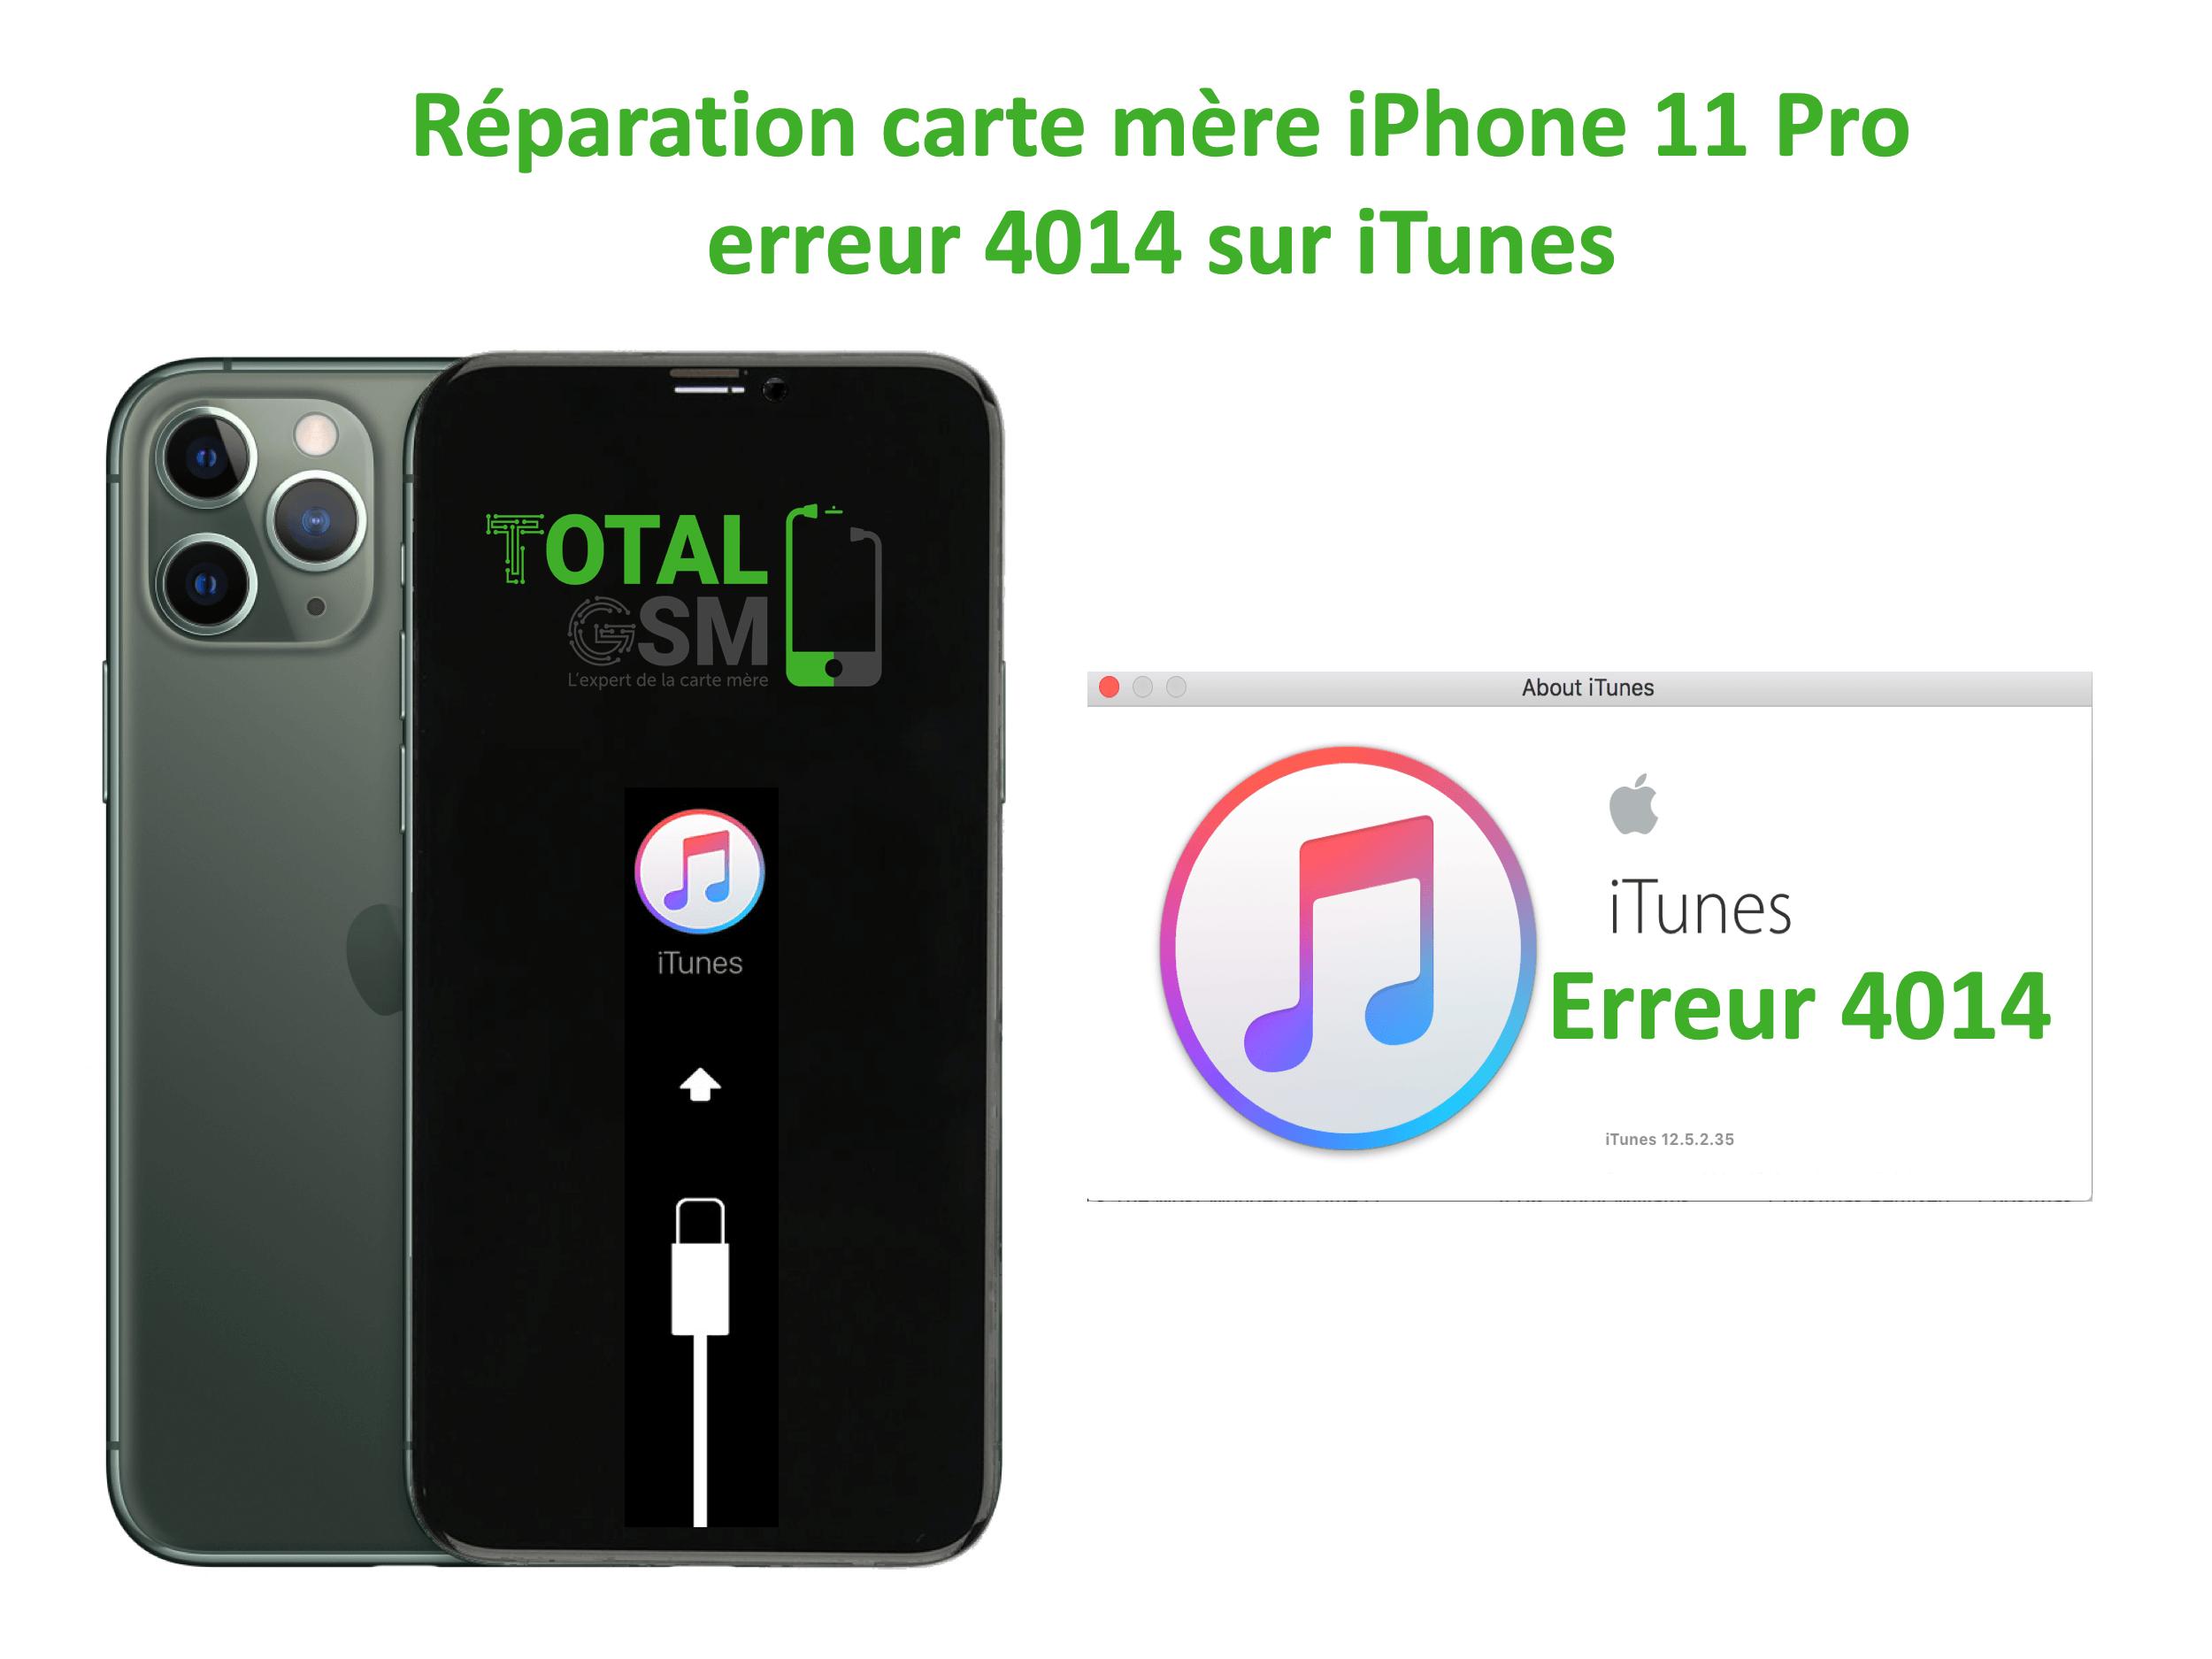 iPhone-11-pro-reparation-probleme-erreur-4014-sur-itunes